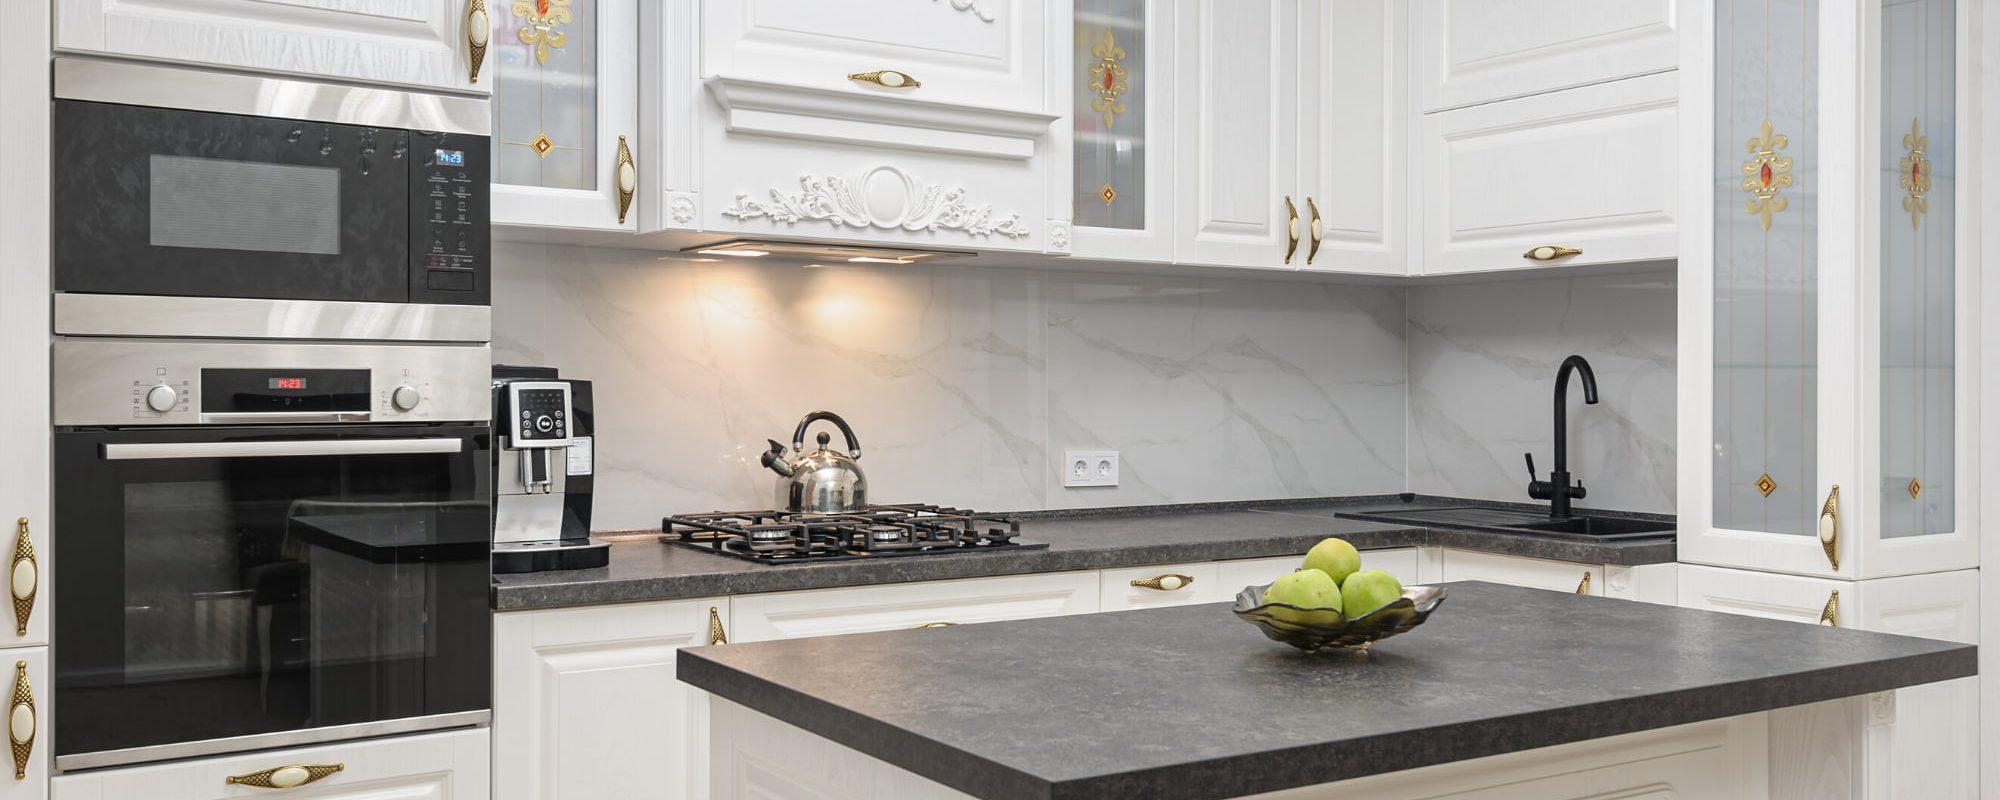 8 Top Kitchen Countertop Trends In 2020